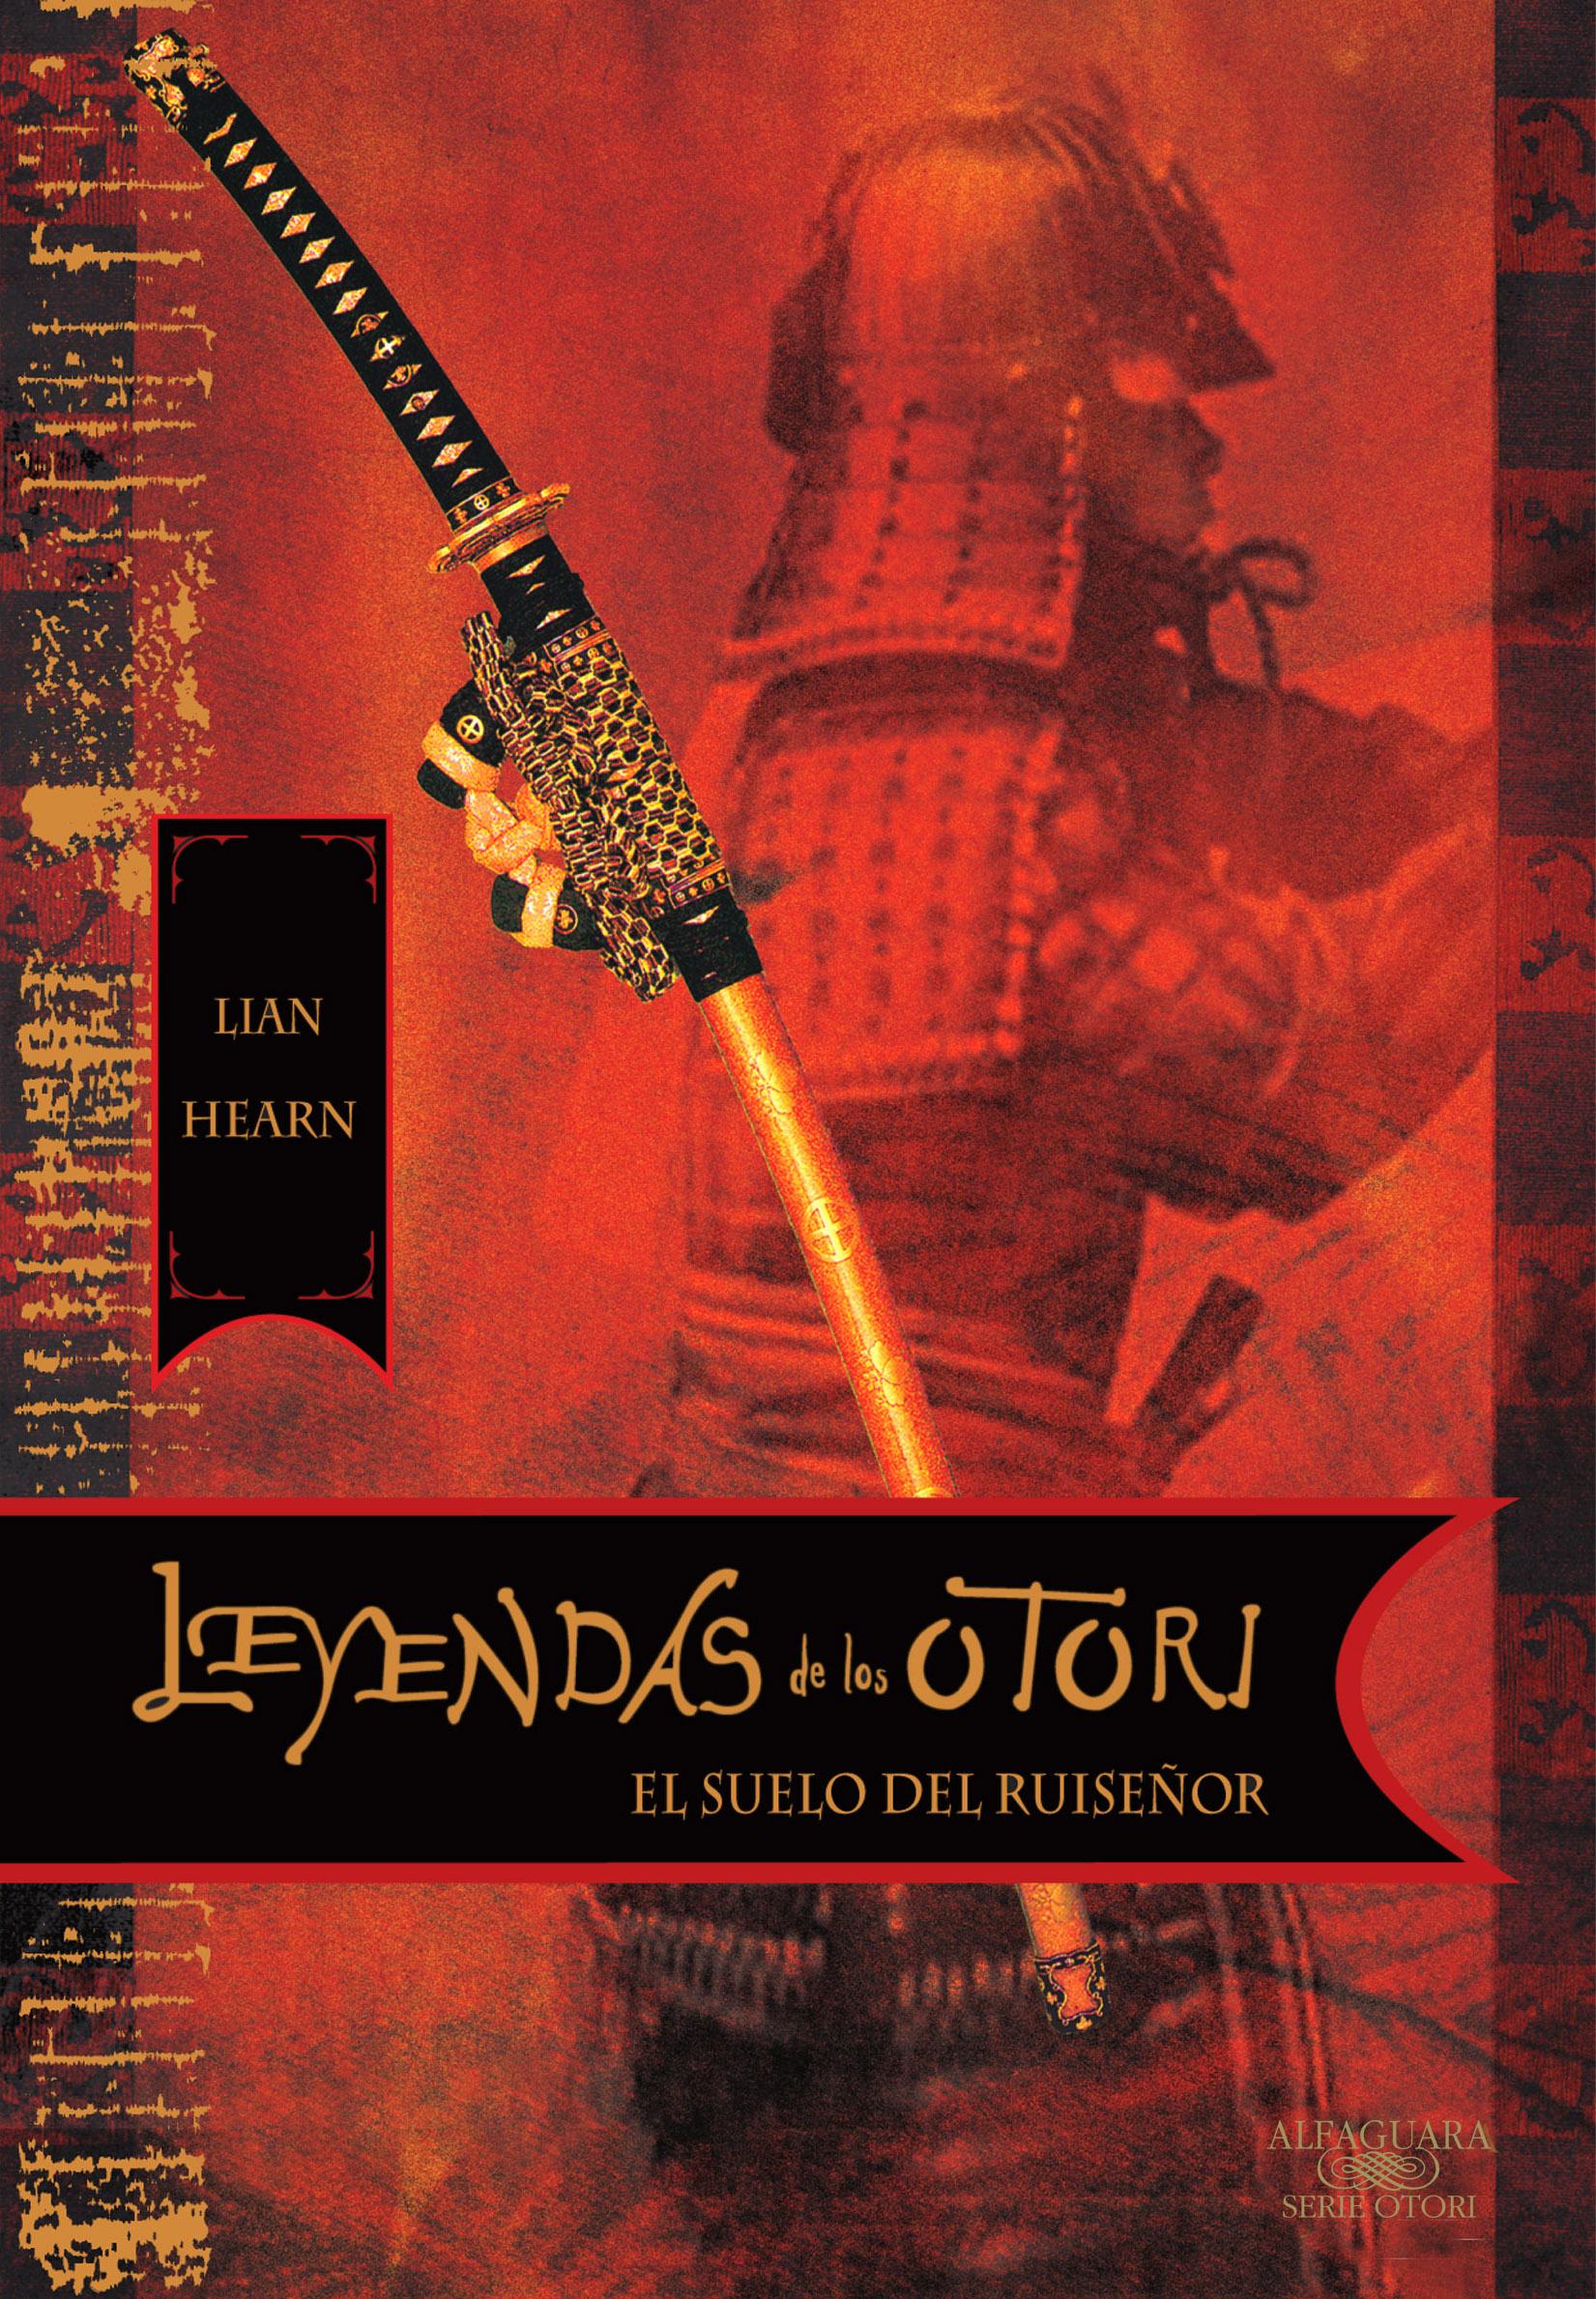 El suelo del ruiseñor (Leyendas de los Otori 1)- Lian Hearn